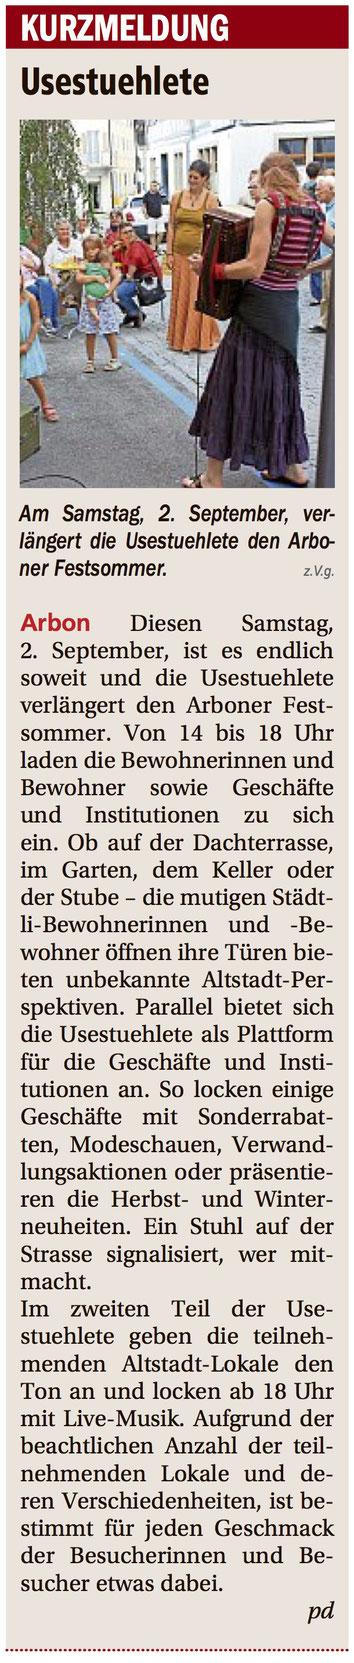 Bodensee Nachrichten, 31.08.2017